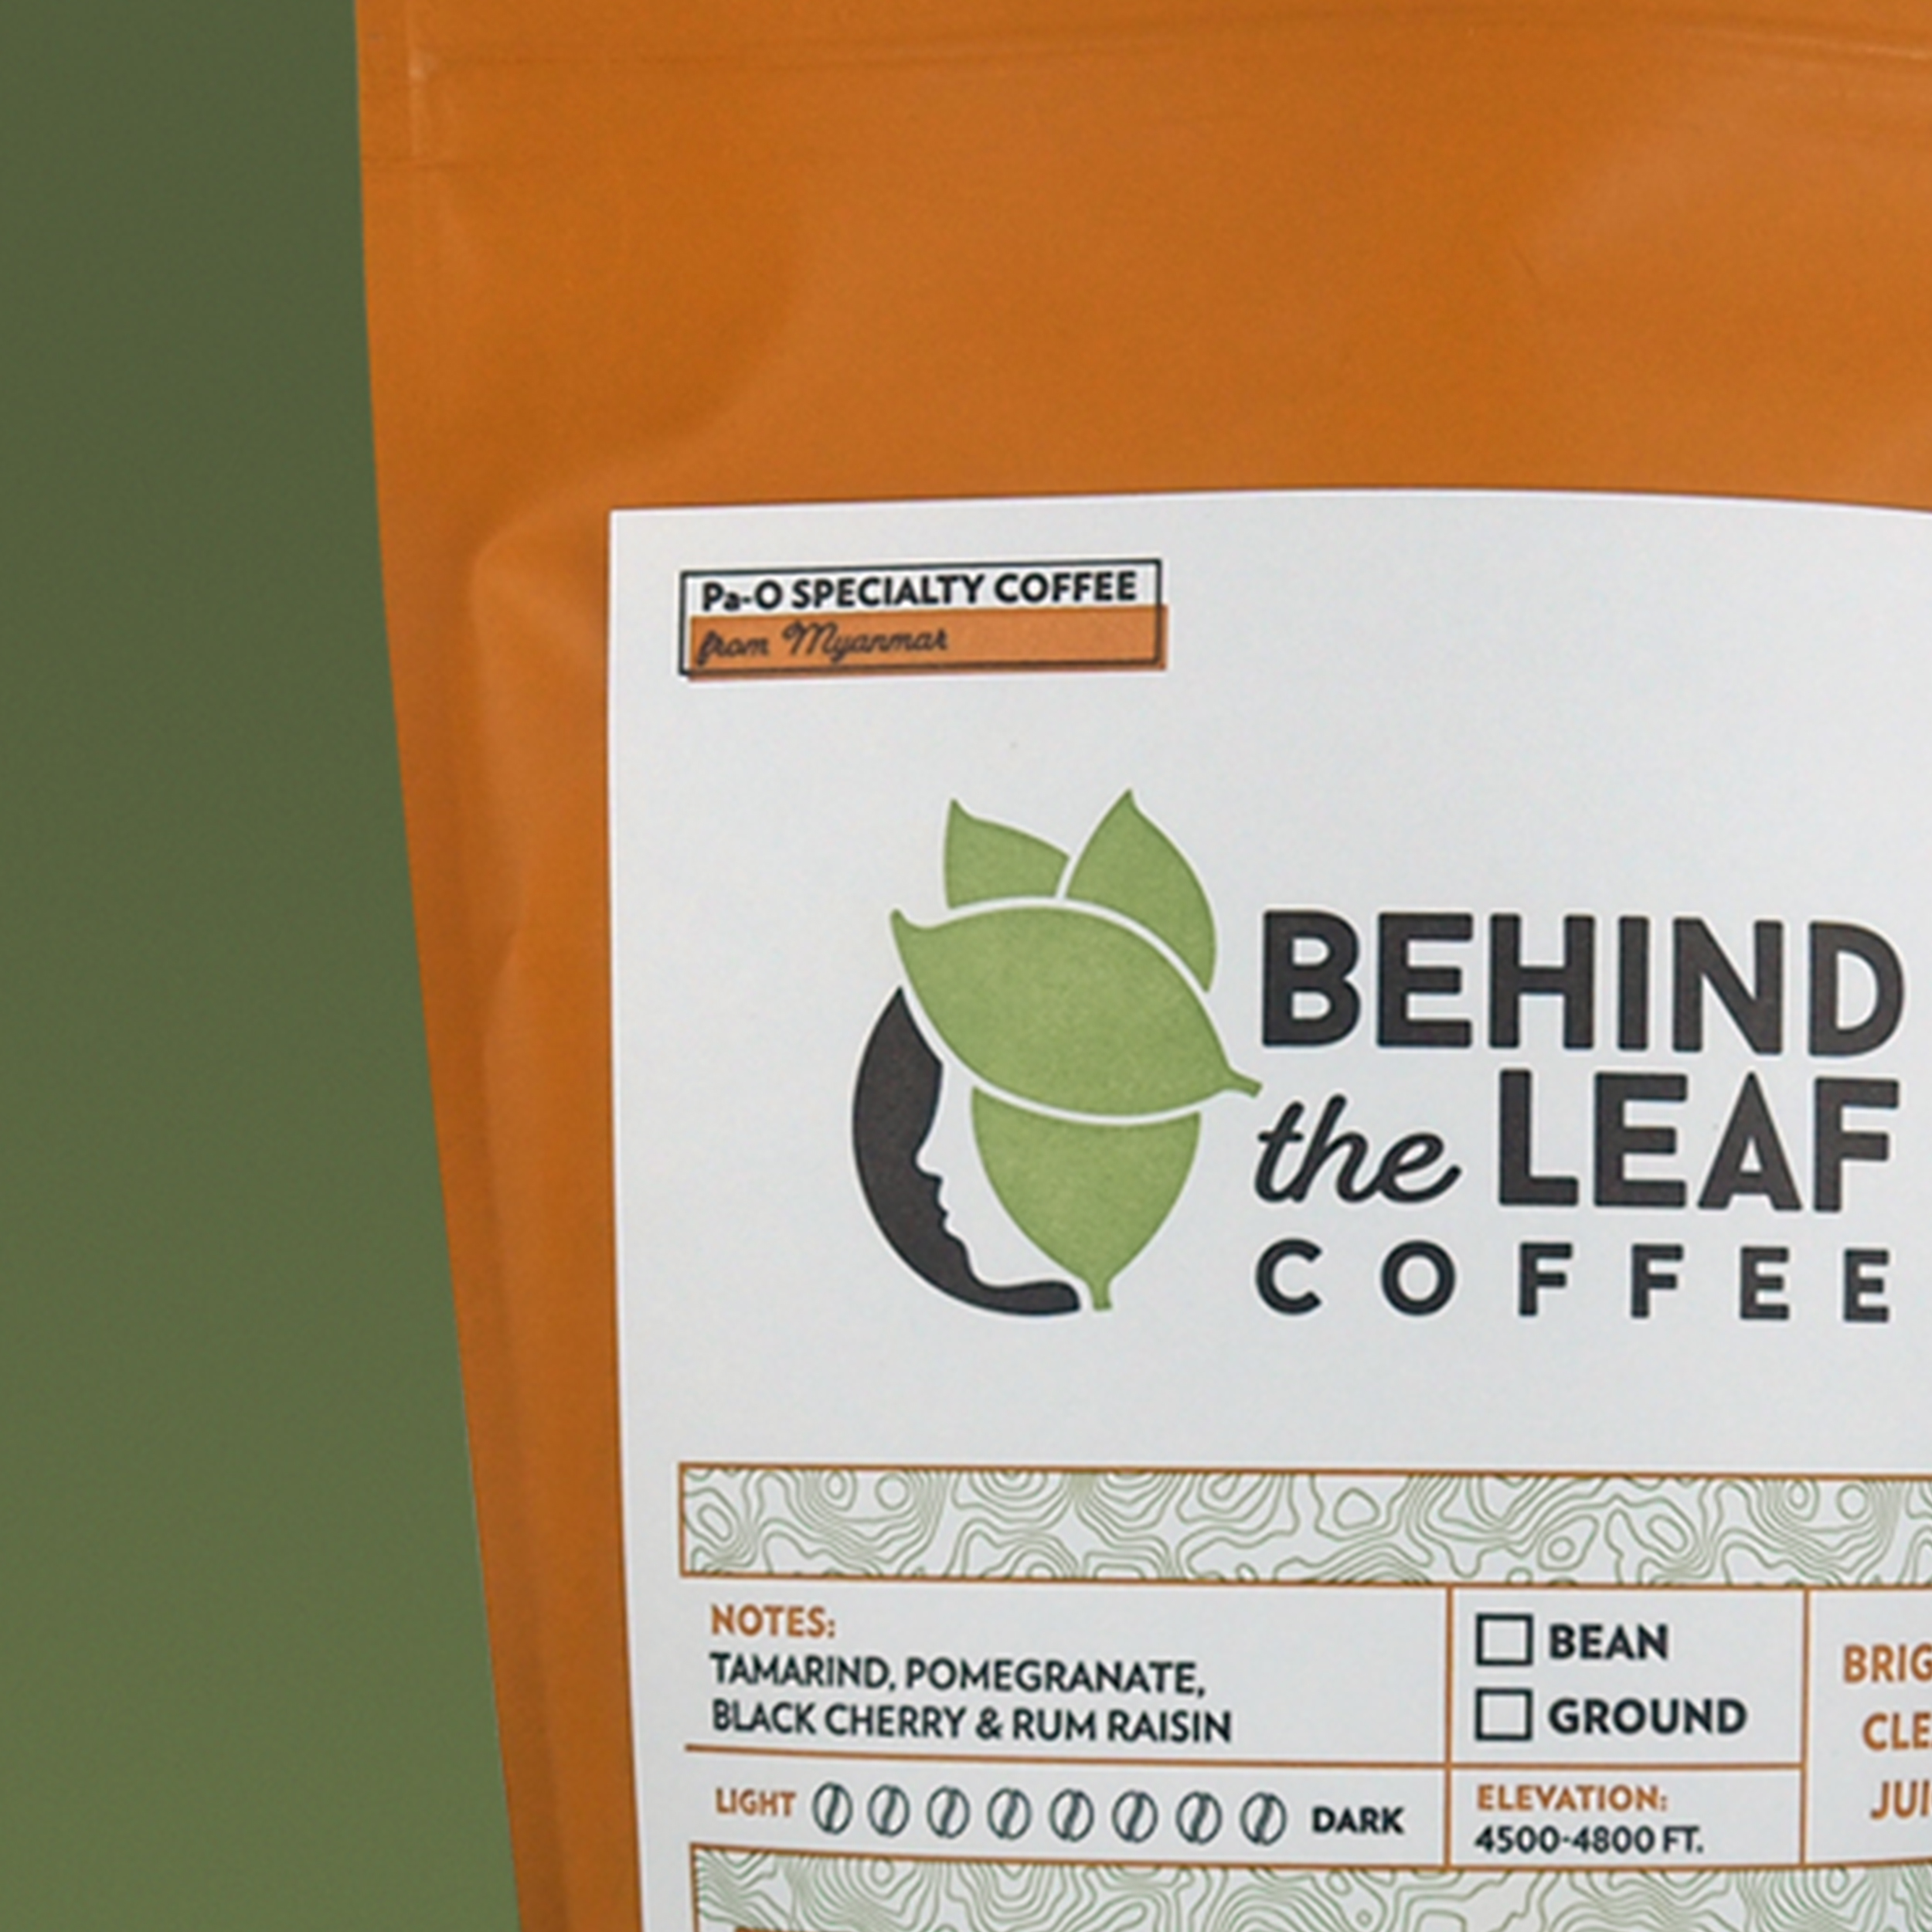 Behind The Leaf Coffee—Branding